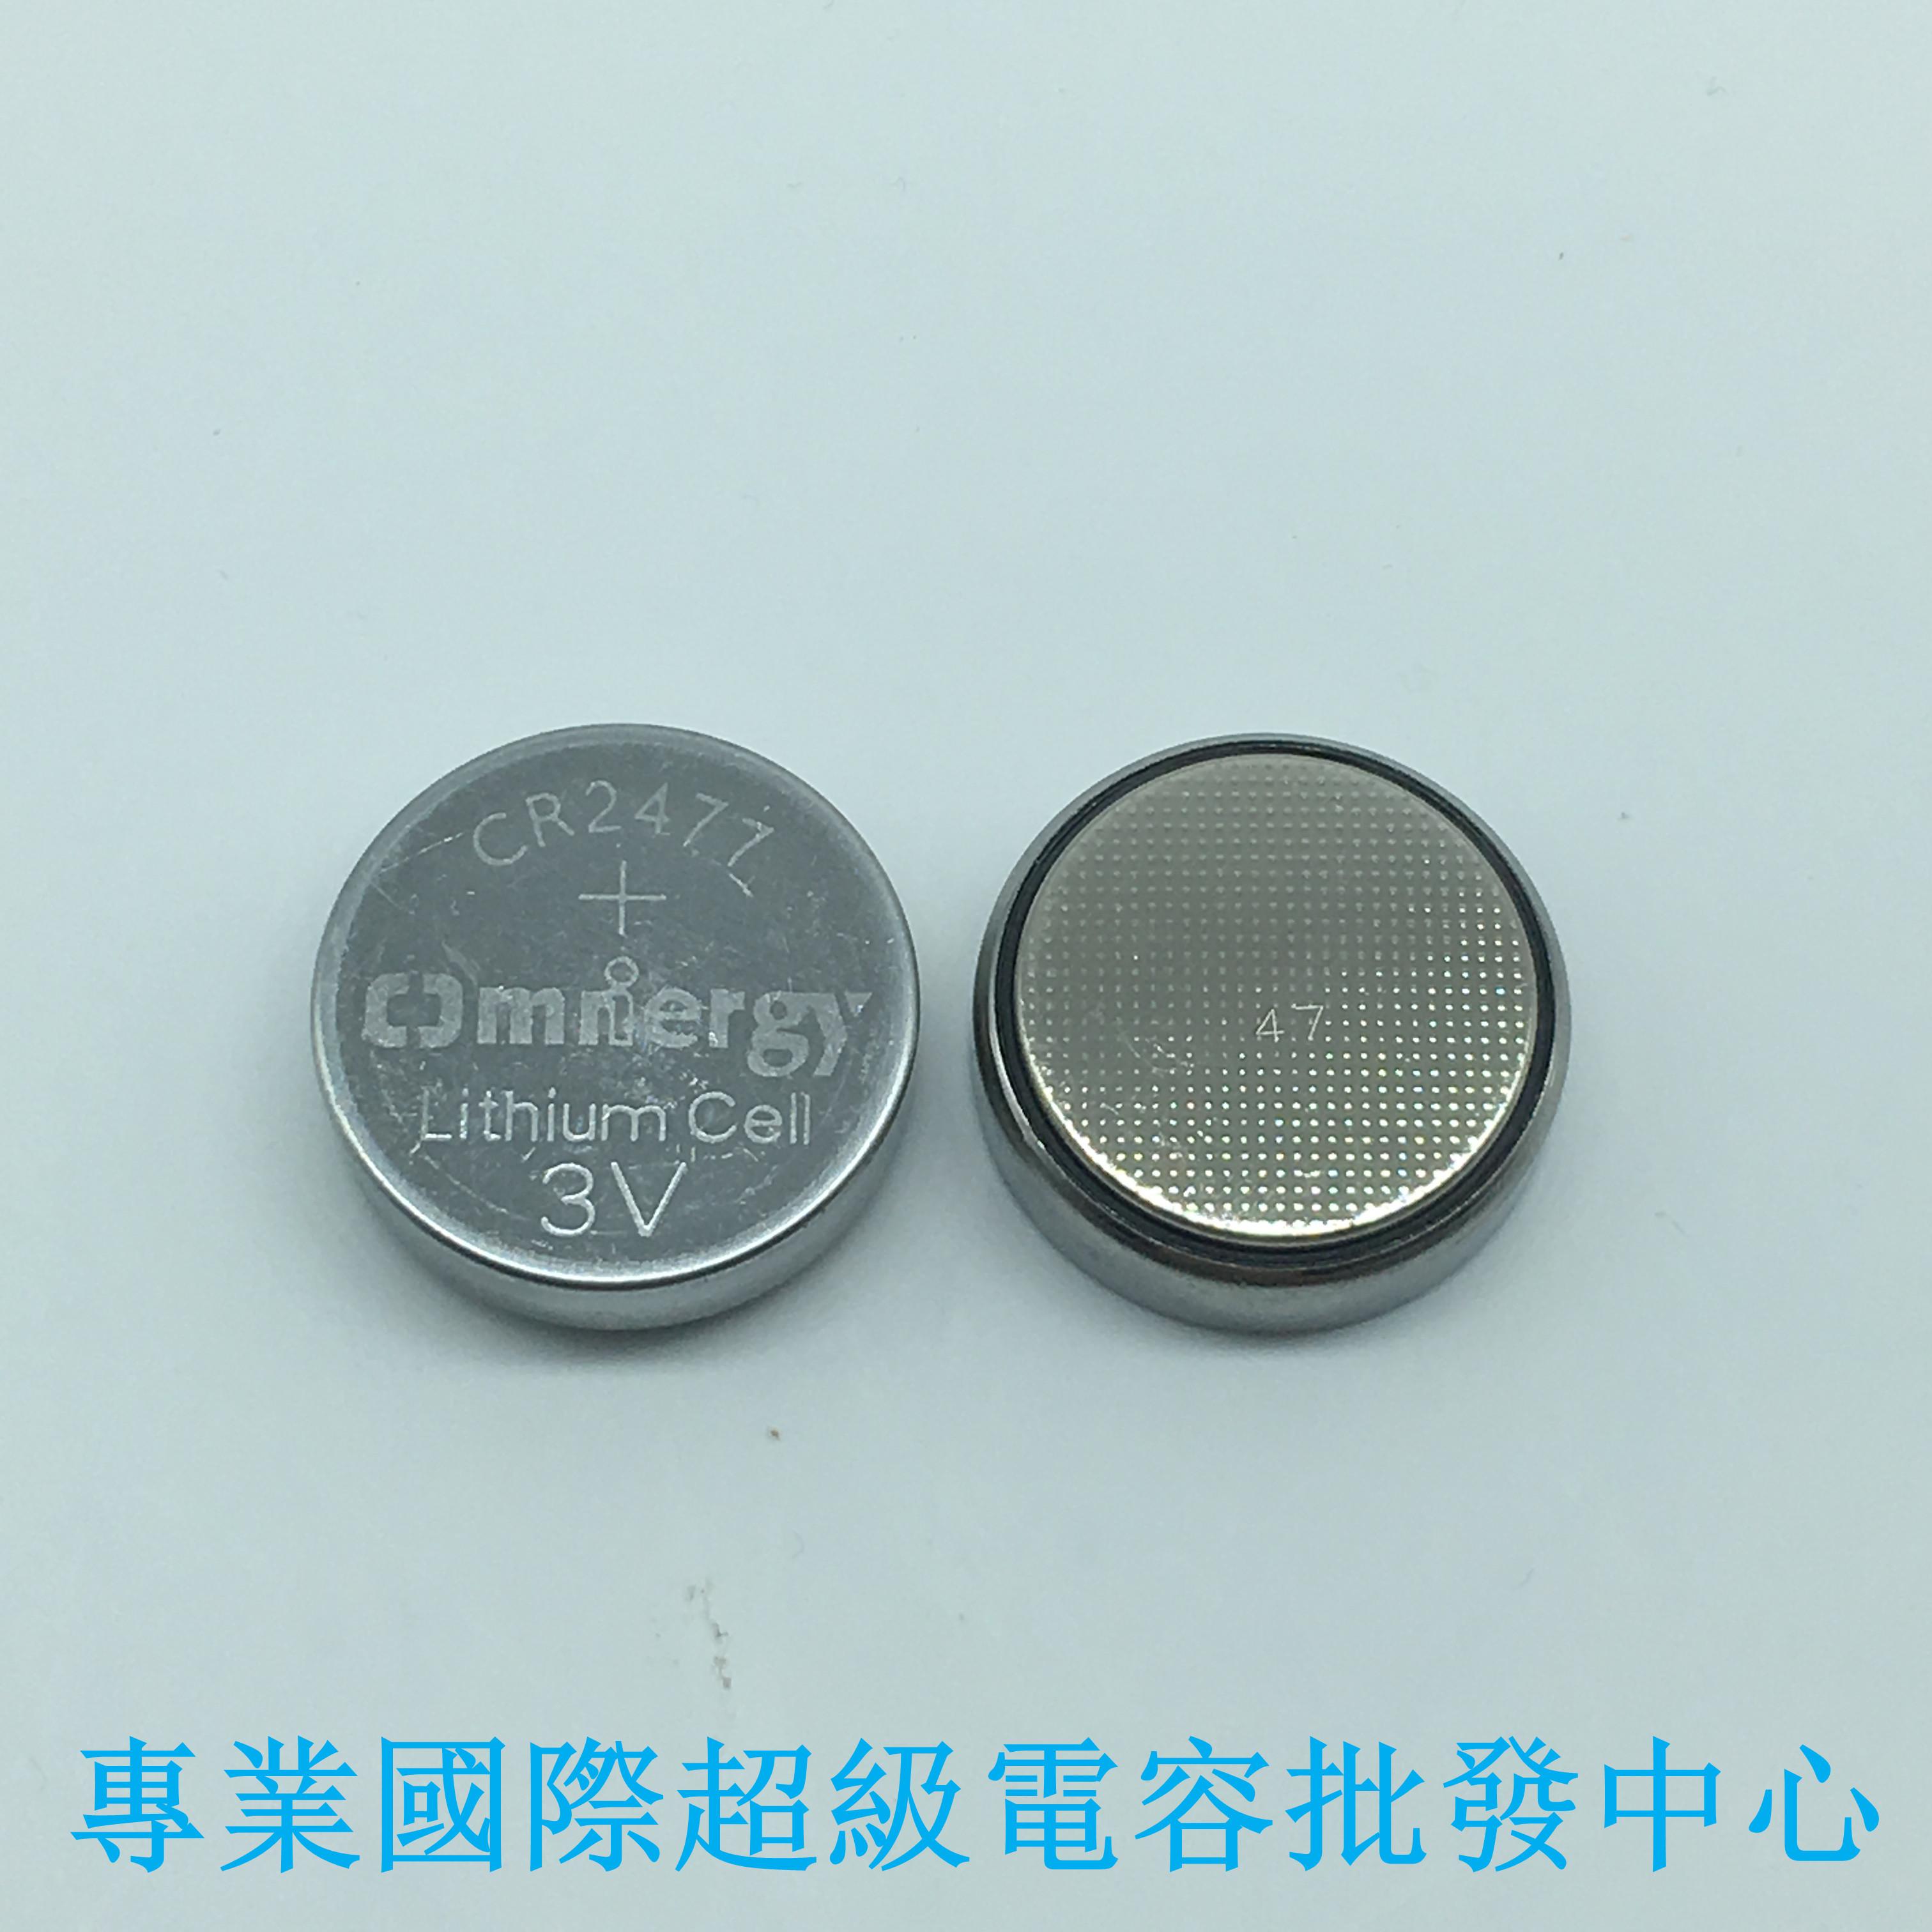 CR2477一次性锂电池3V 卧式直插焊脚可代替LIR2477带焊脚纽扣电池